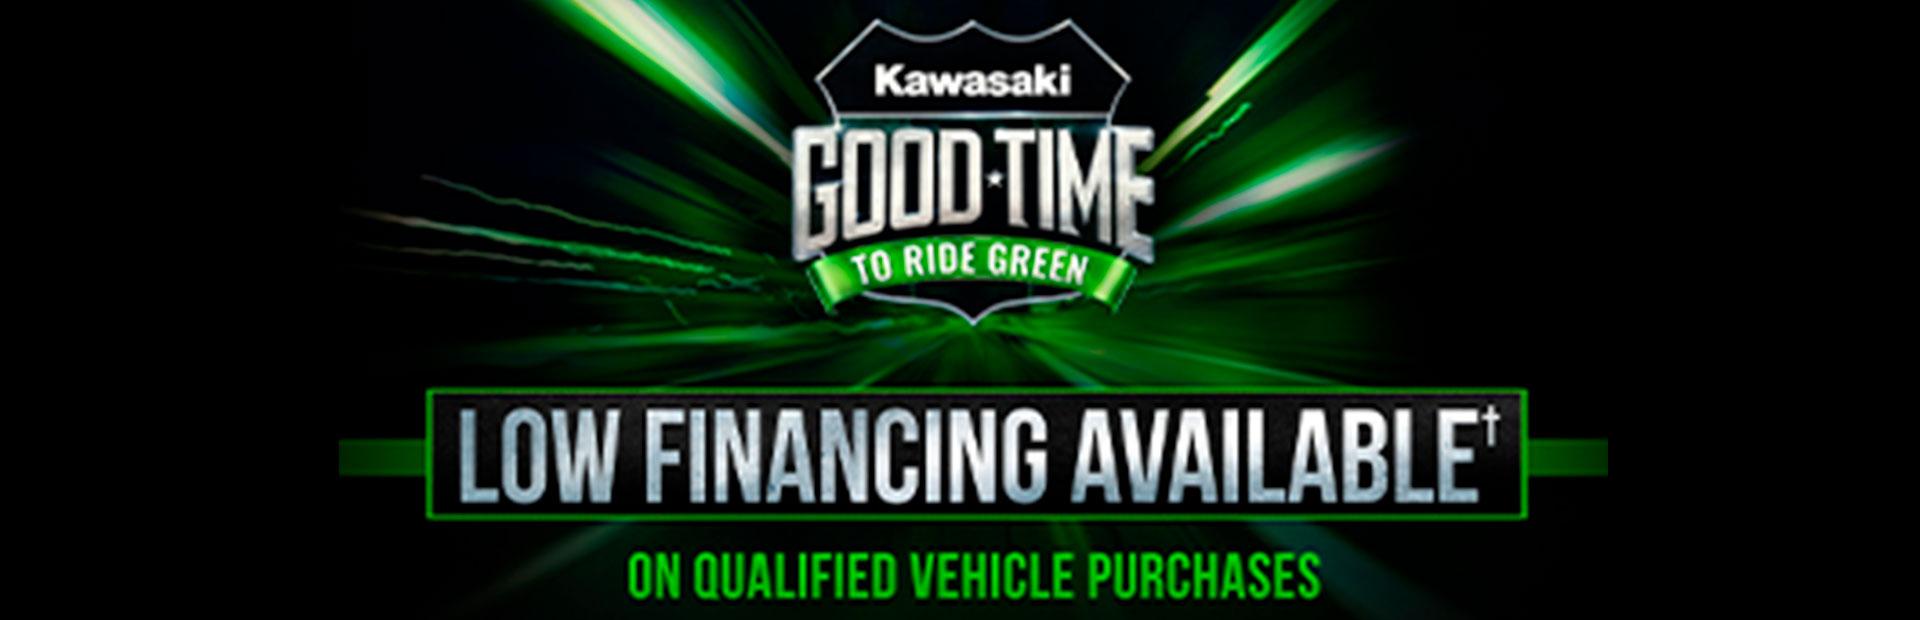 KAWASAKI - GOOD TIME TO RIDE GREEN at Clawson Motorsports